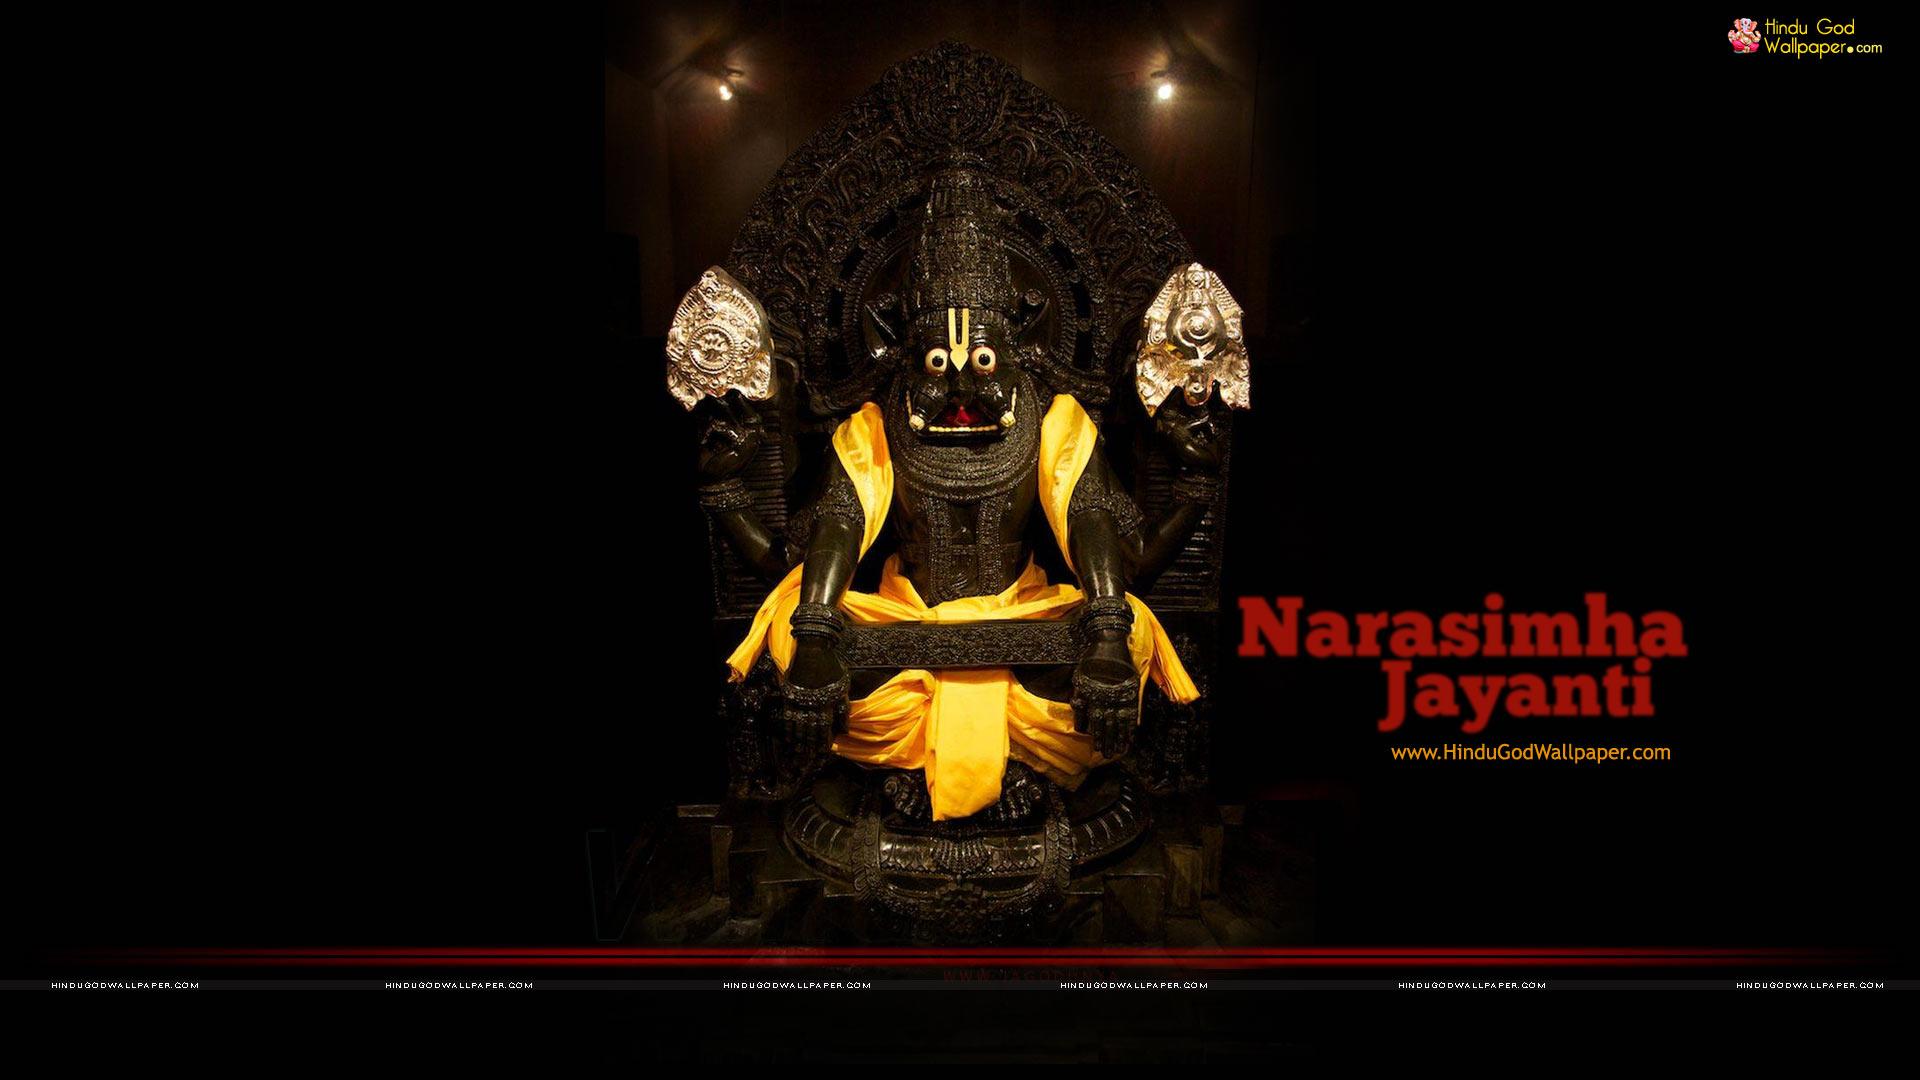 Narasimha Jayanti 2018 wallpaper